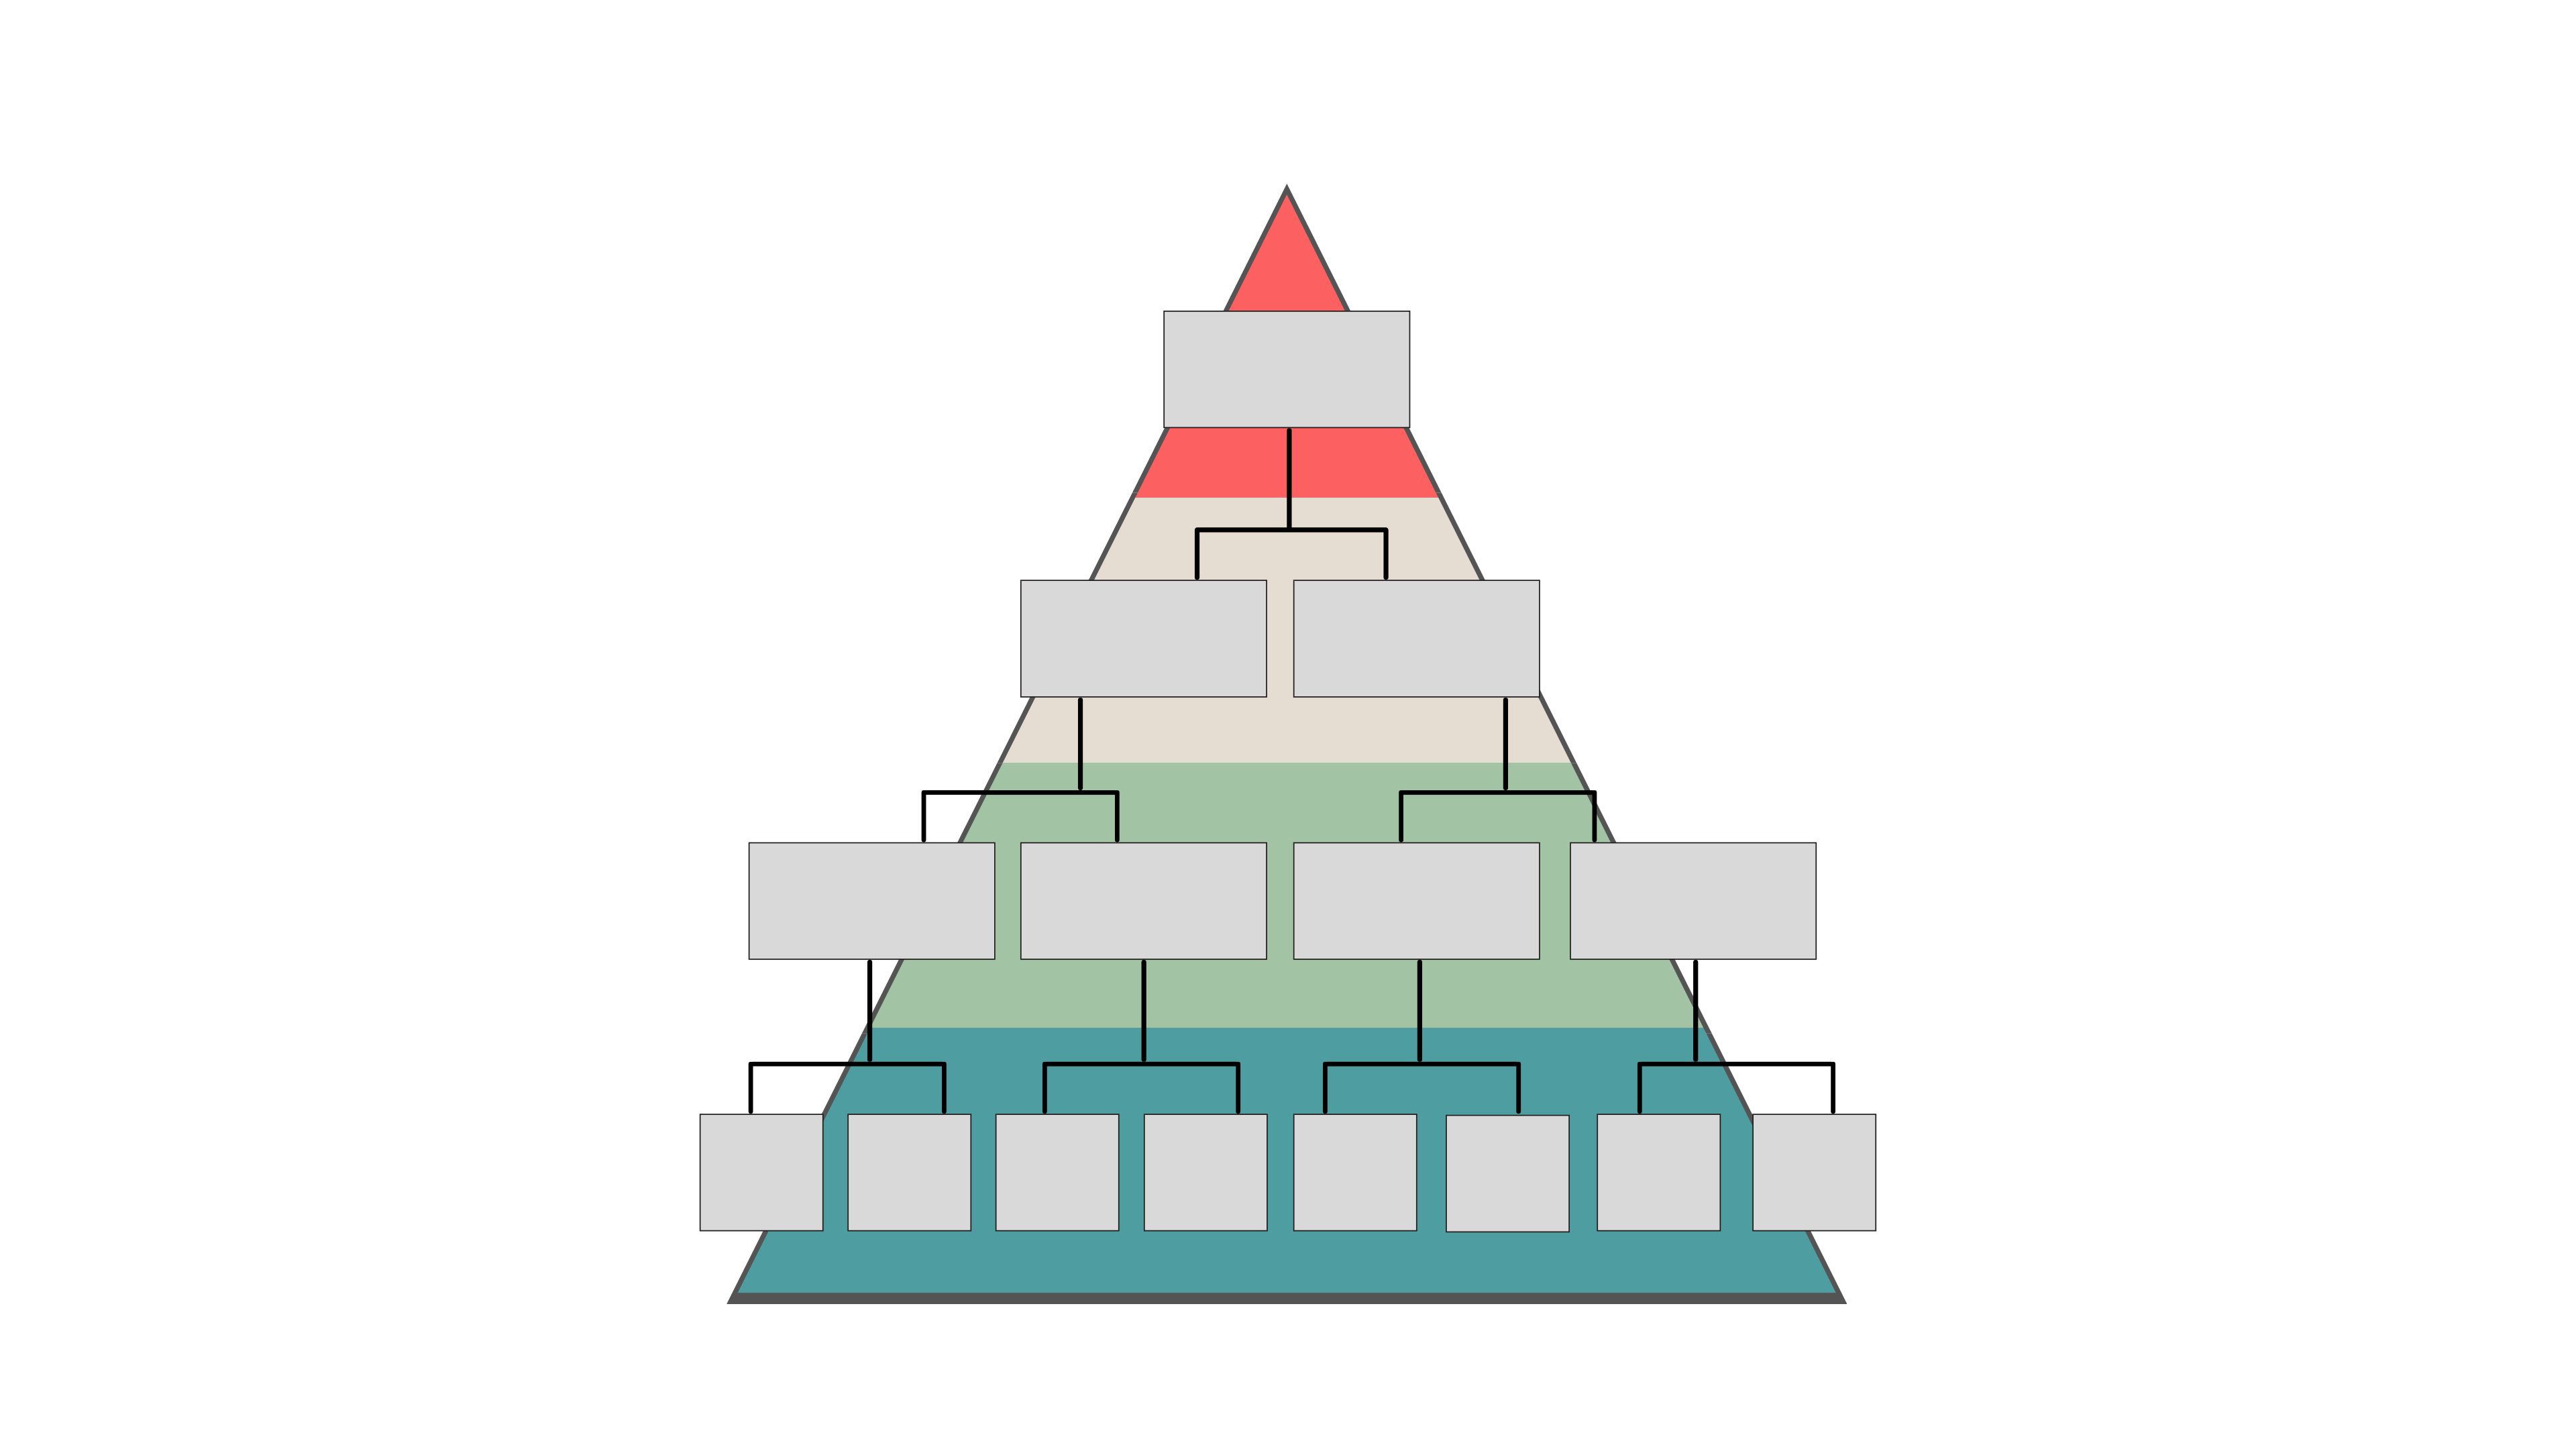 Organisationsformen Pyramide Aufbauorganisation